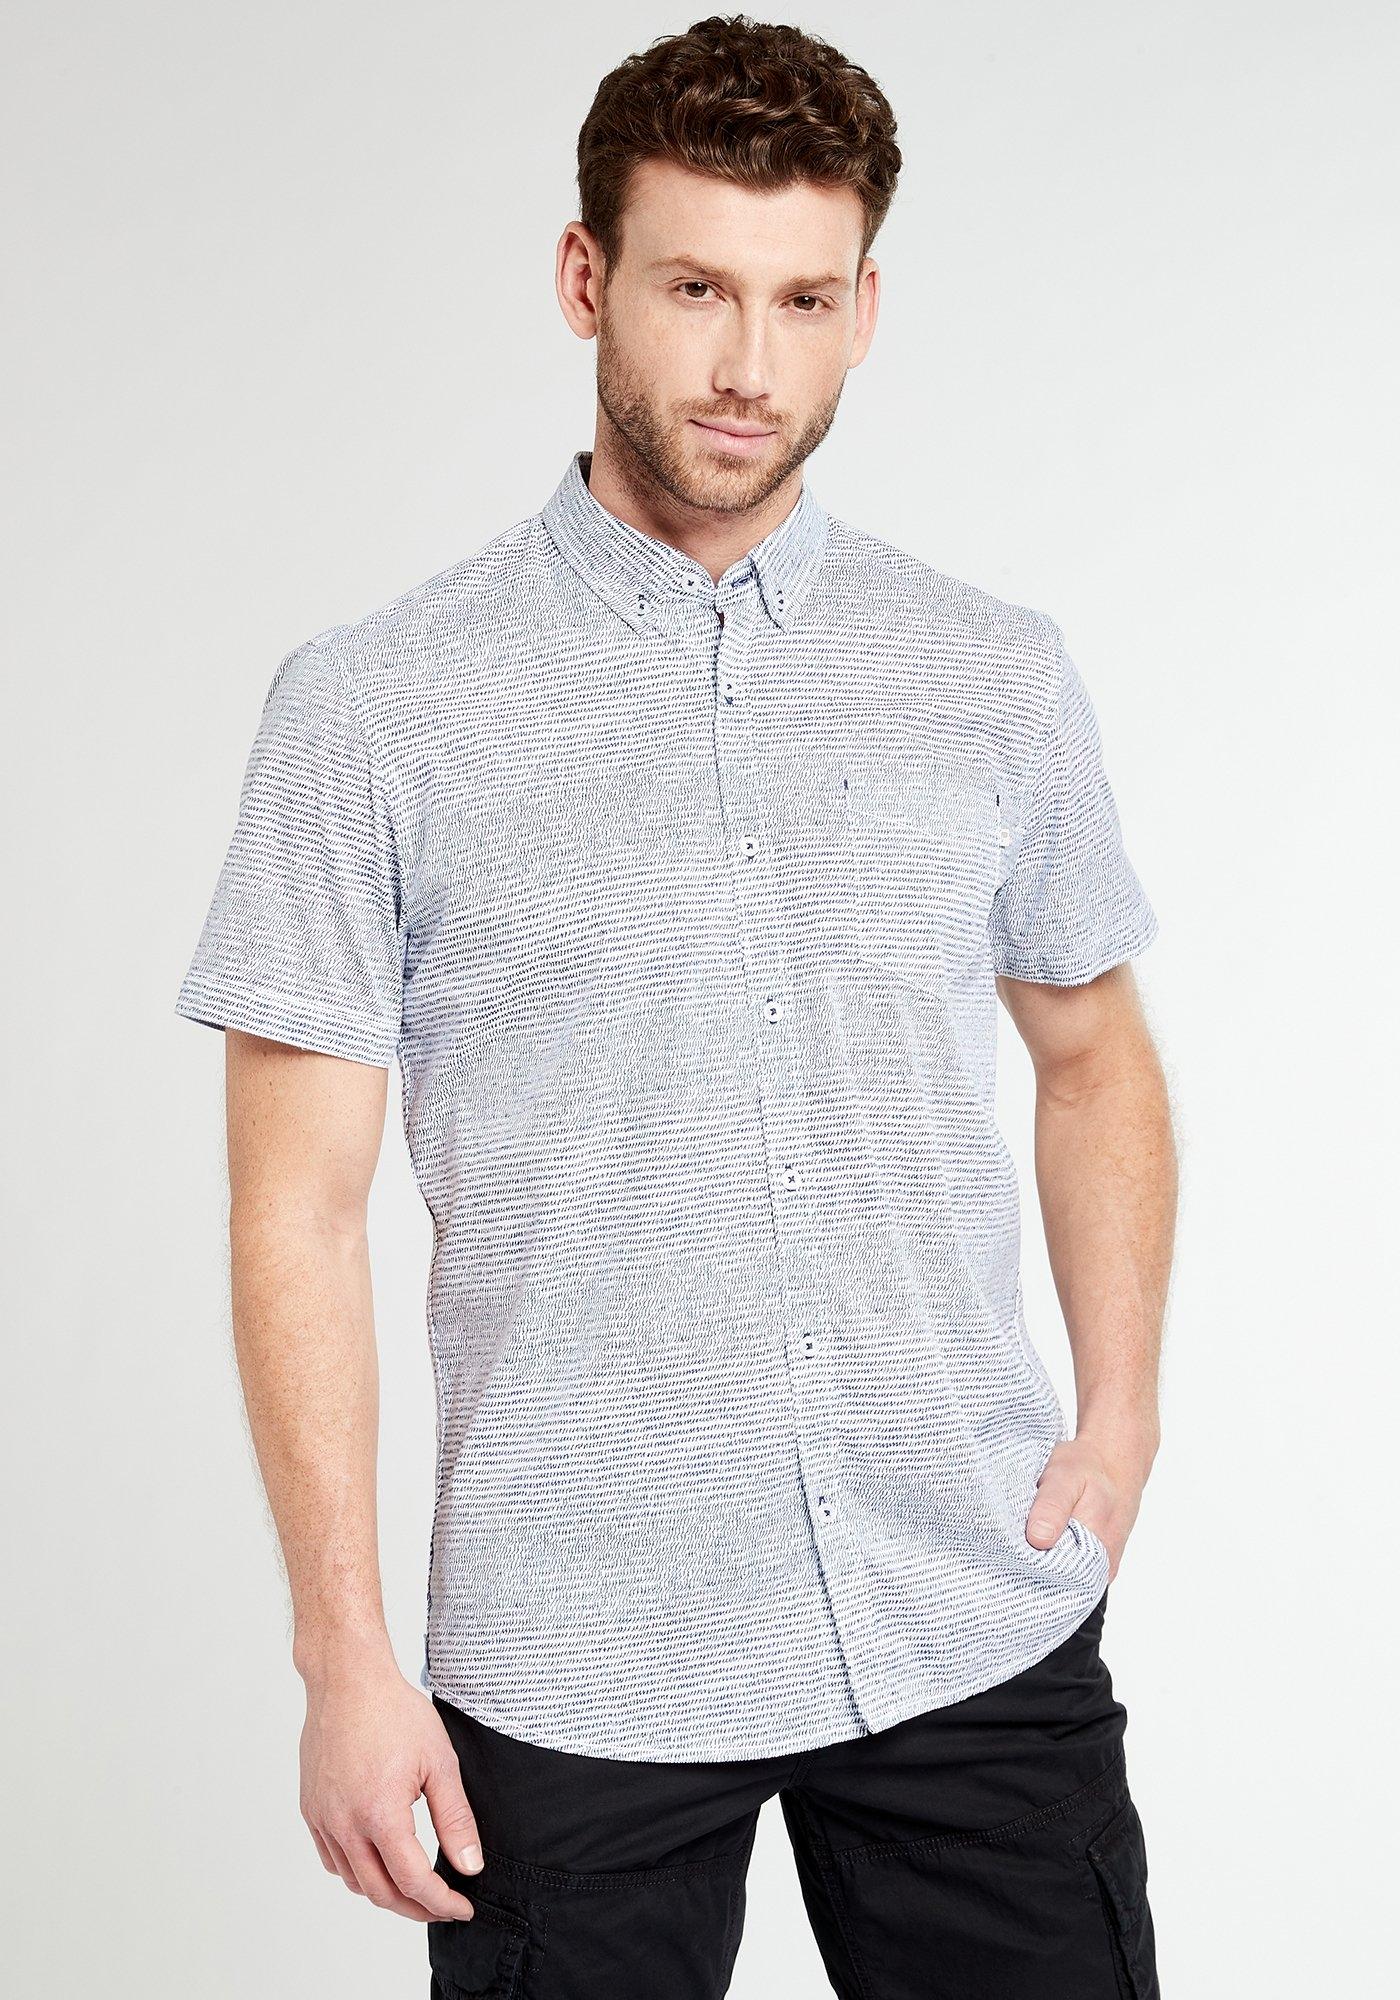 Wit Heren Overhemd.Pioneer Herenoverhemd Herenoverhemd Shirt Online Bij Otto